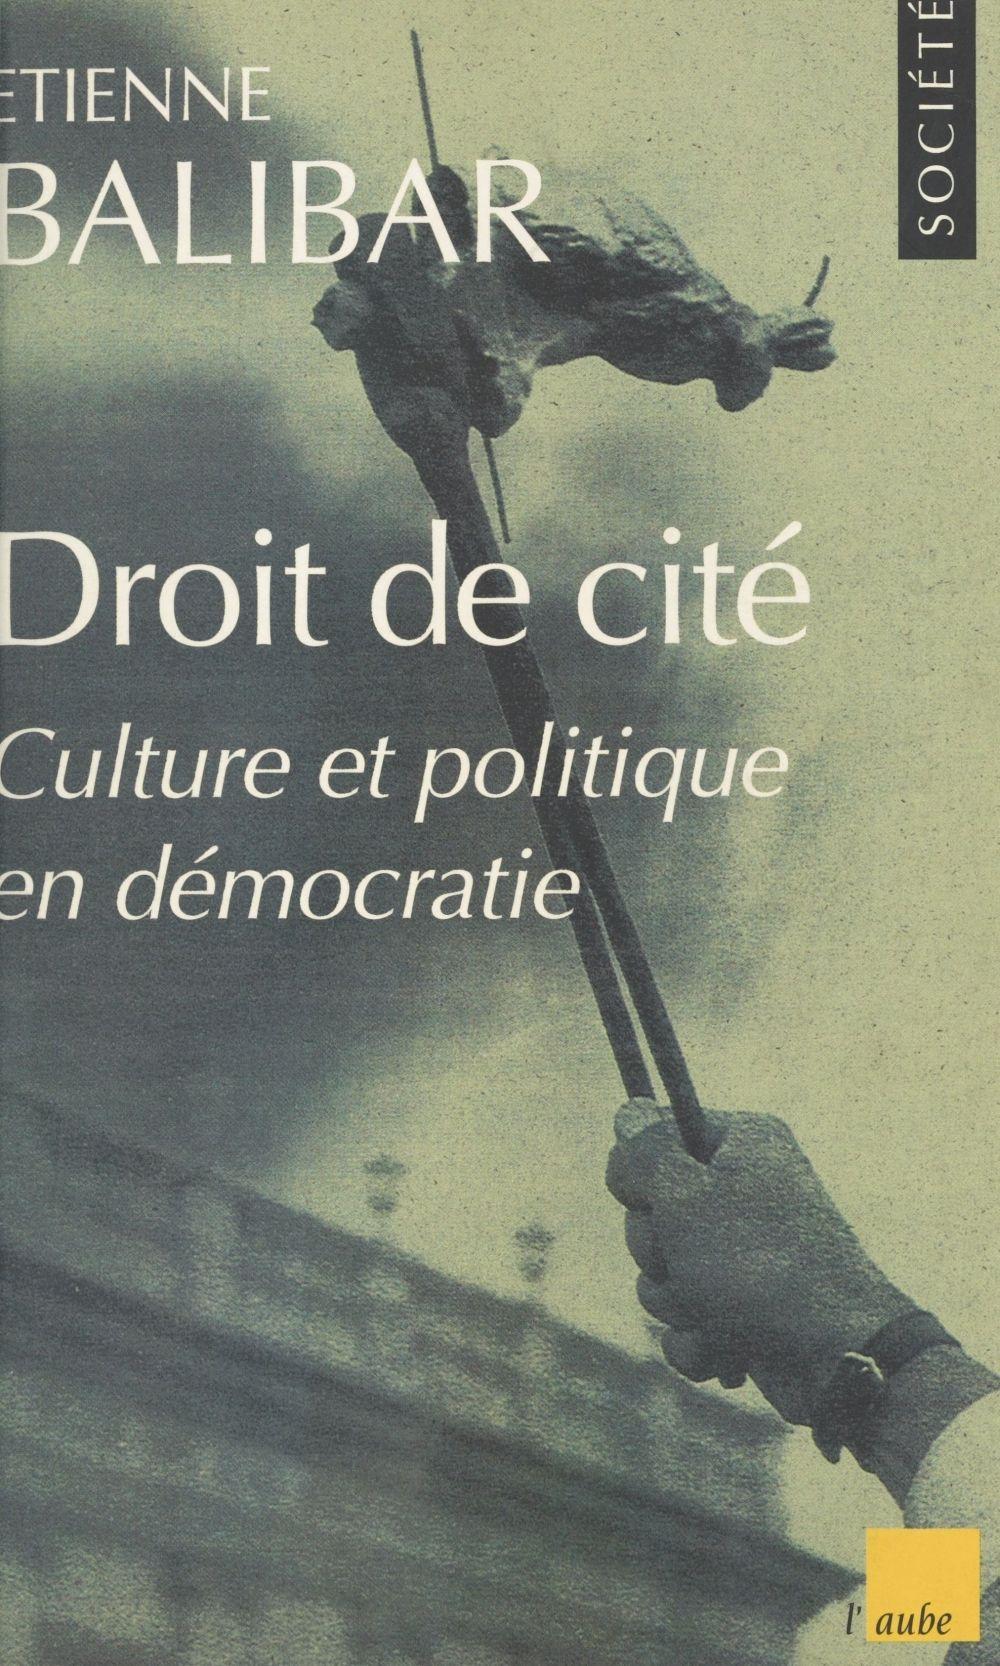 Culture et politique en democratie